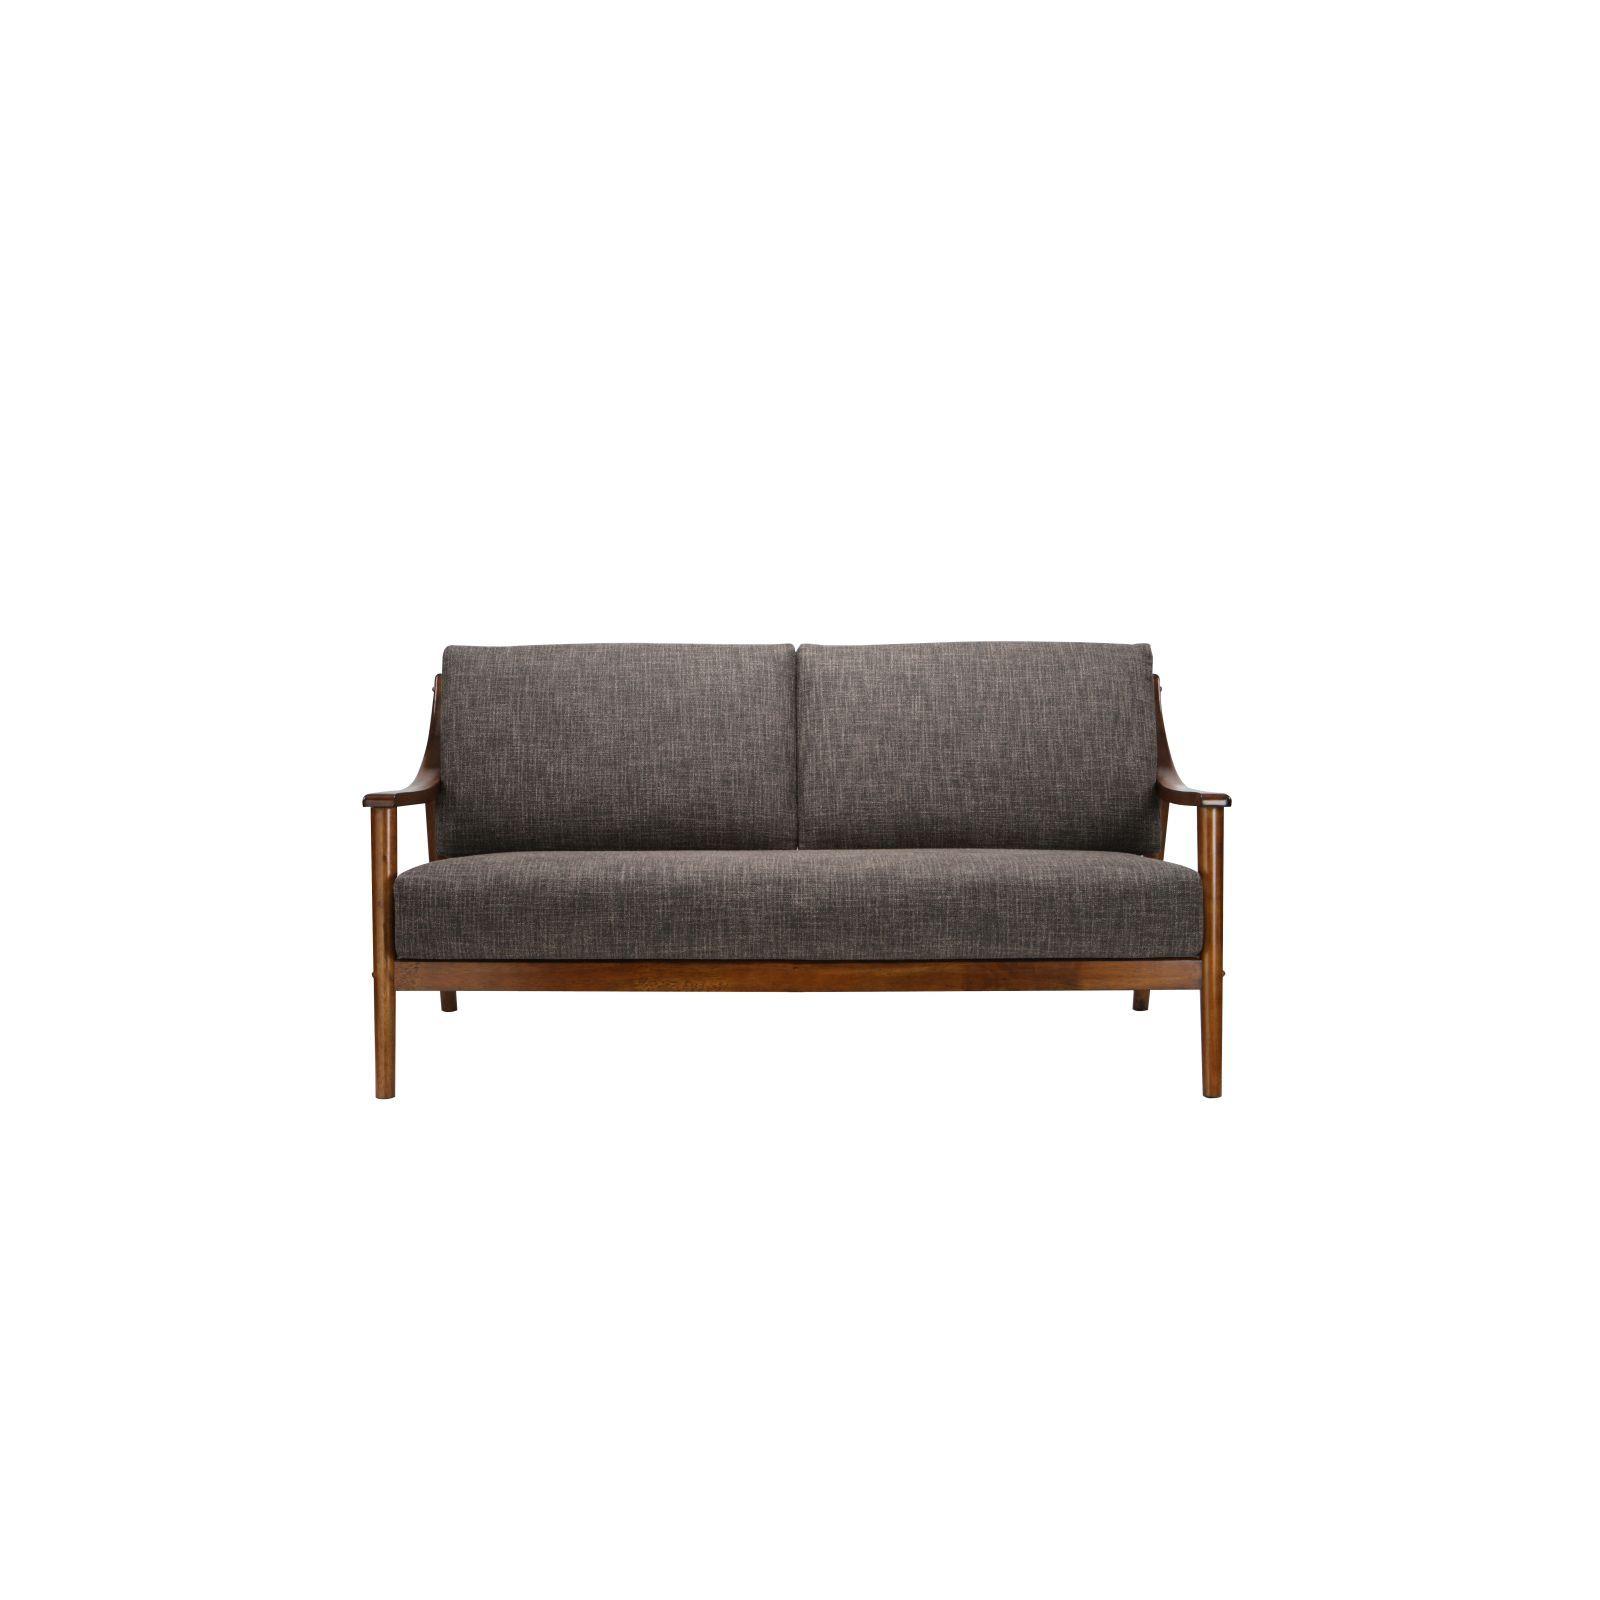 Brennan 3 Seater (Fab) Lava Fabric Sofa – Sofa & Armchairs For Brennan Sofa Chairs (Image 3 of 20)